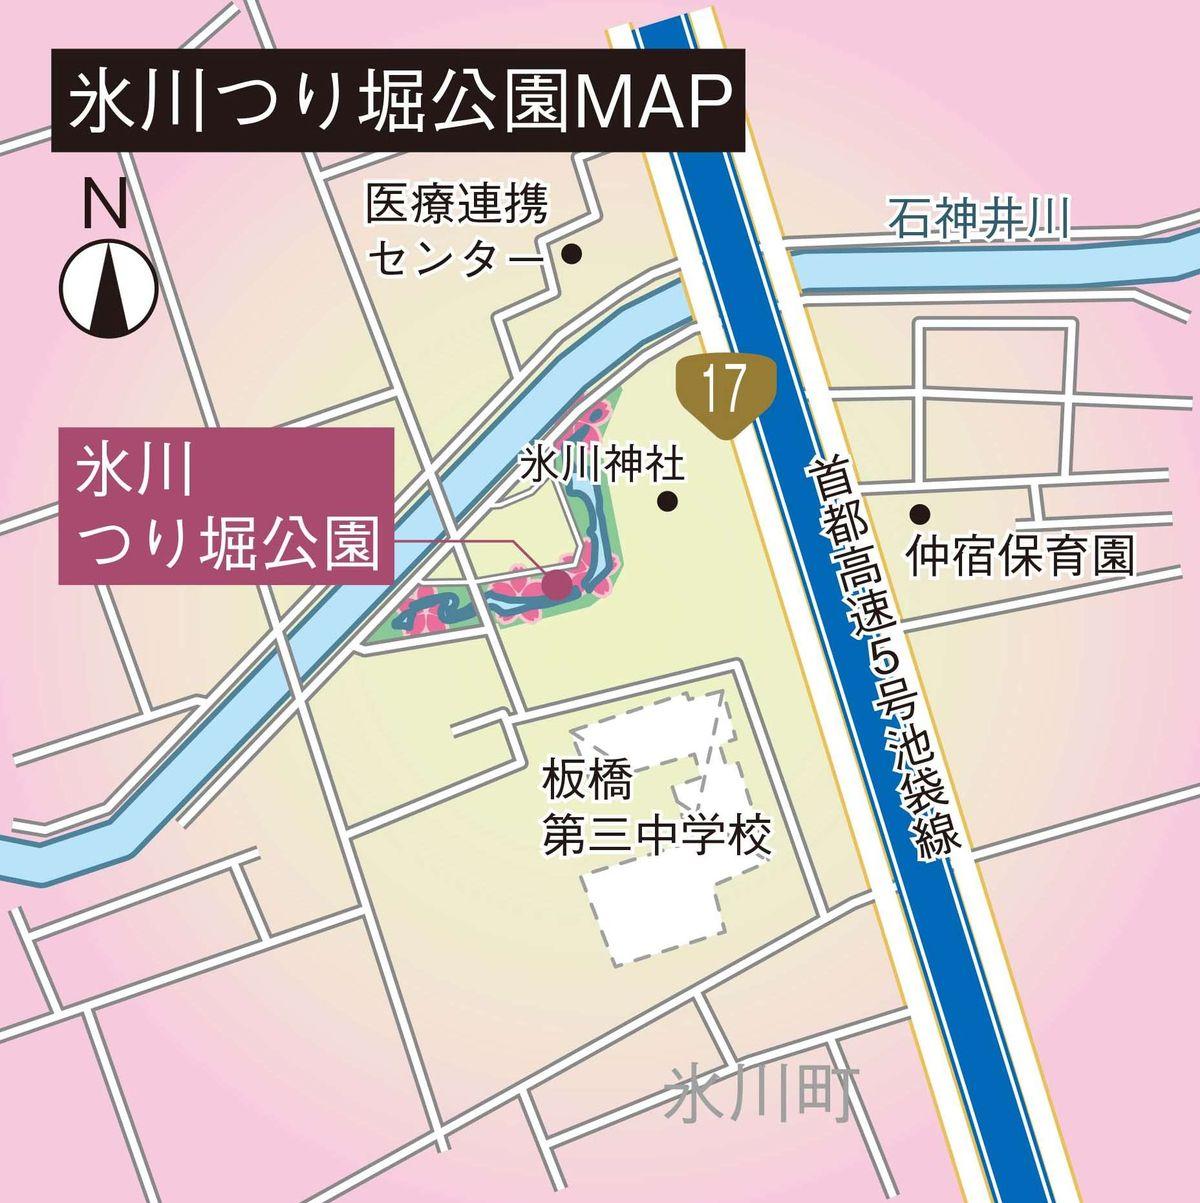 031-035ohanami_tsuriba_cs6 (5)